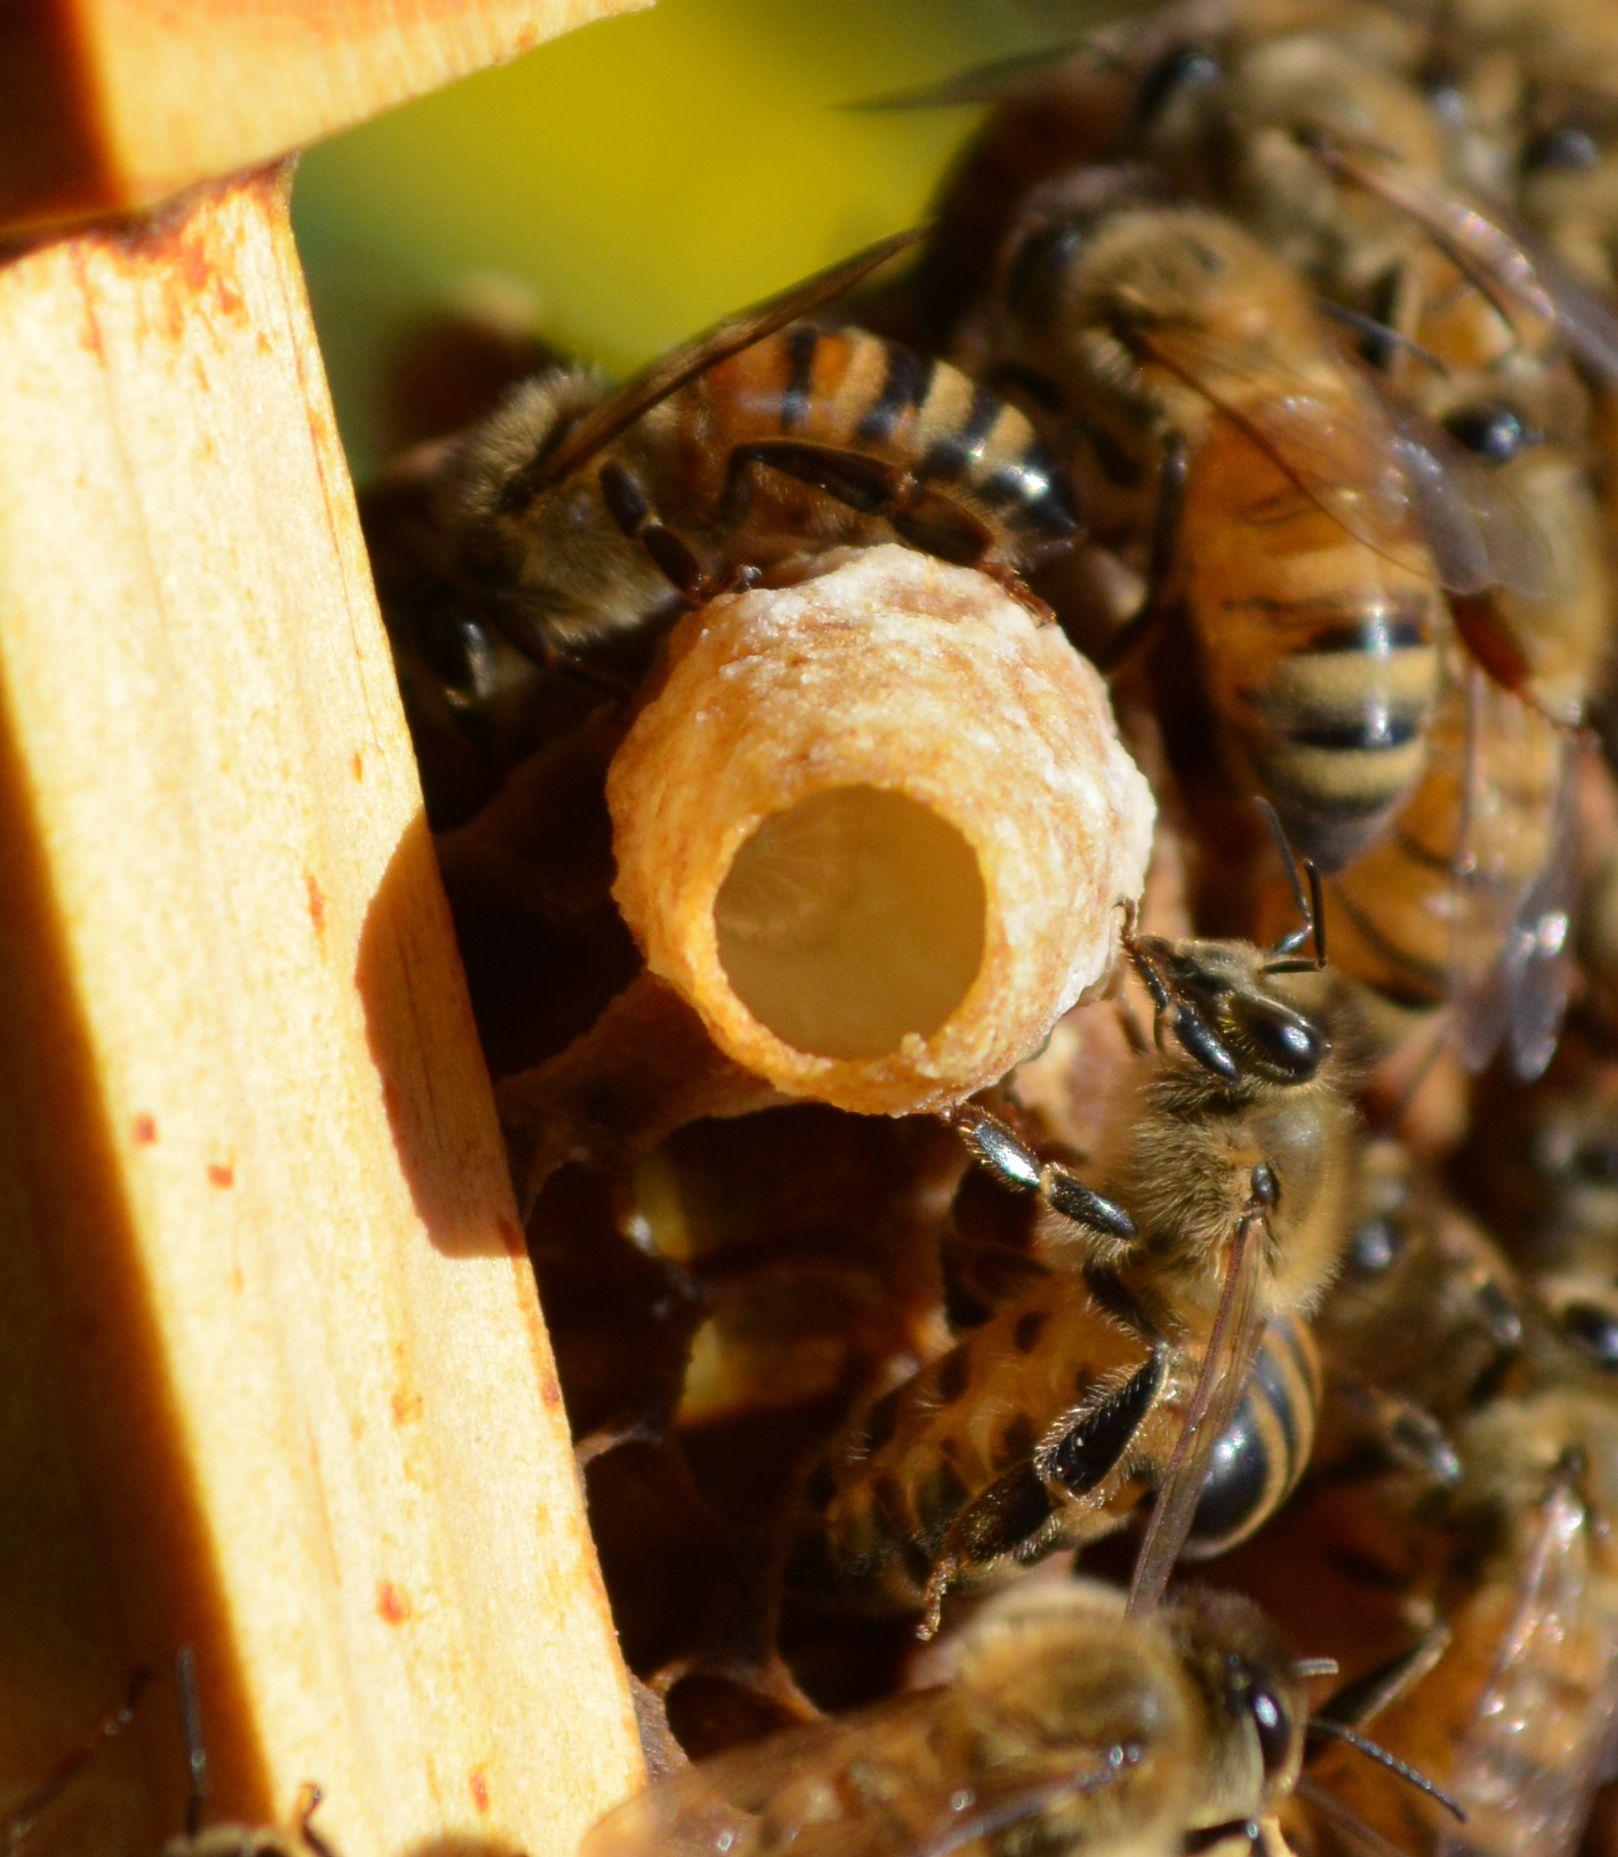 481c4944305060e2e4c18620e8643b64 - How To Get Rid Of Small Hive Beetle Larvae